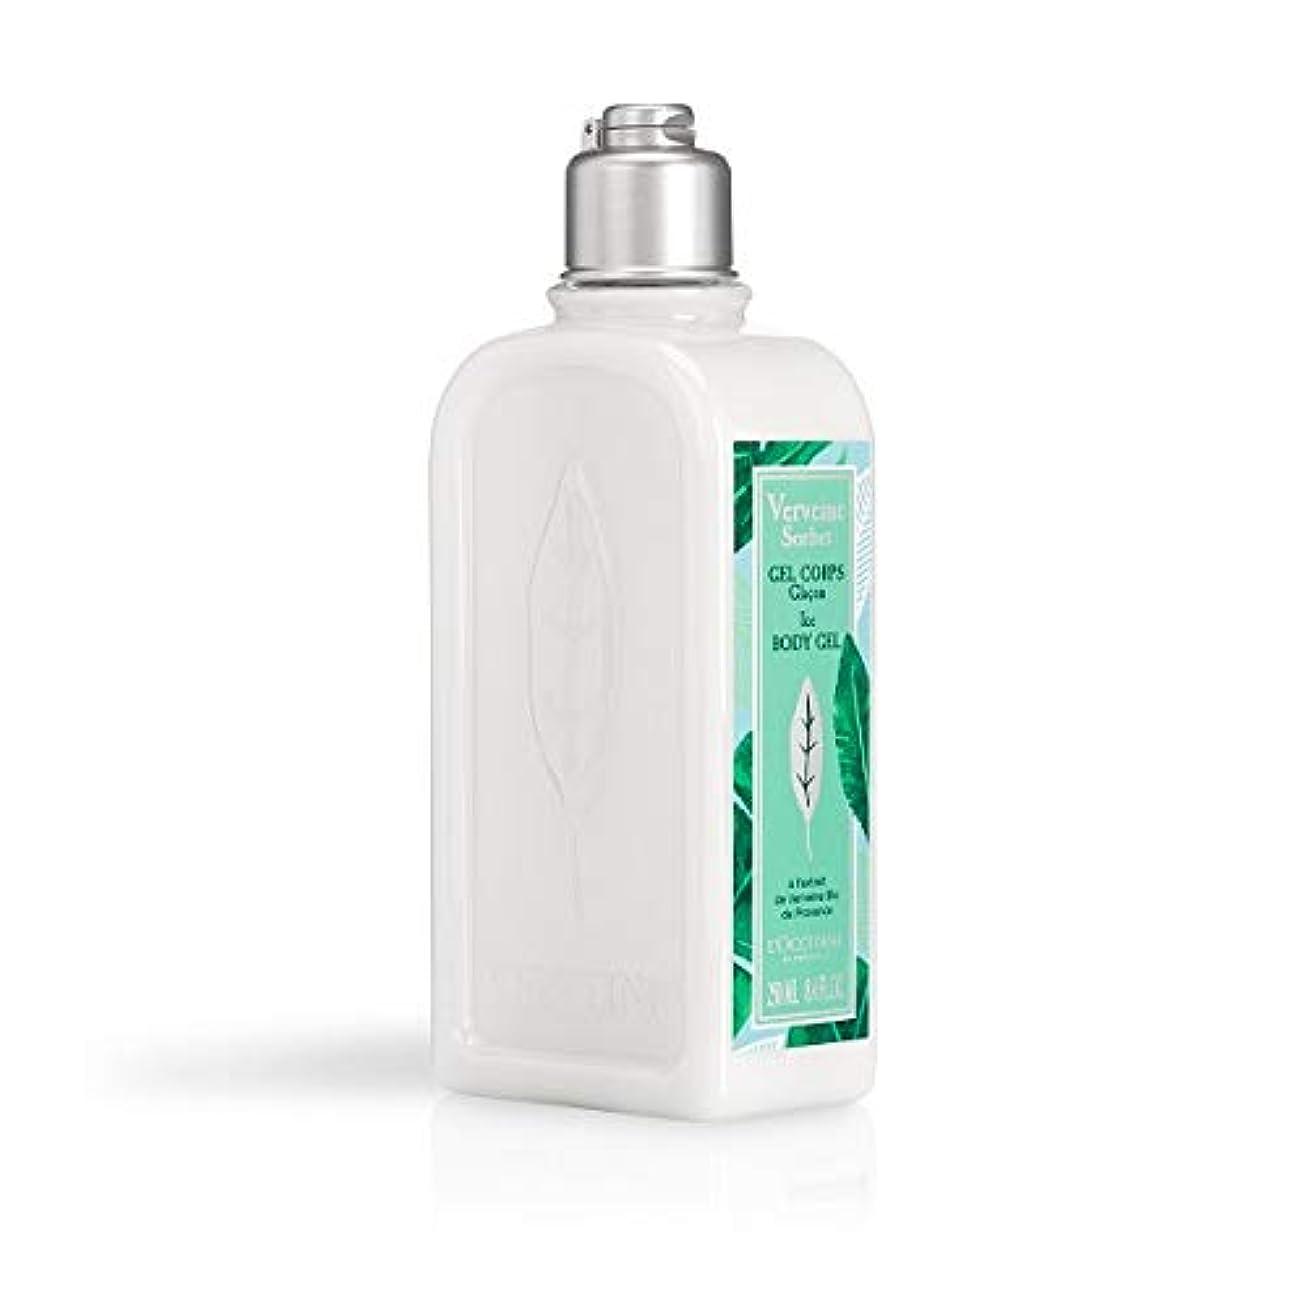 狂人リブ支援するロクシタン(L'OCCITANE) ミントウ゛ァーベナ ソルベボディジェル 250ml(ボディ用乳液)